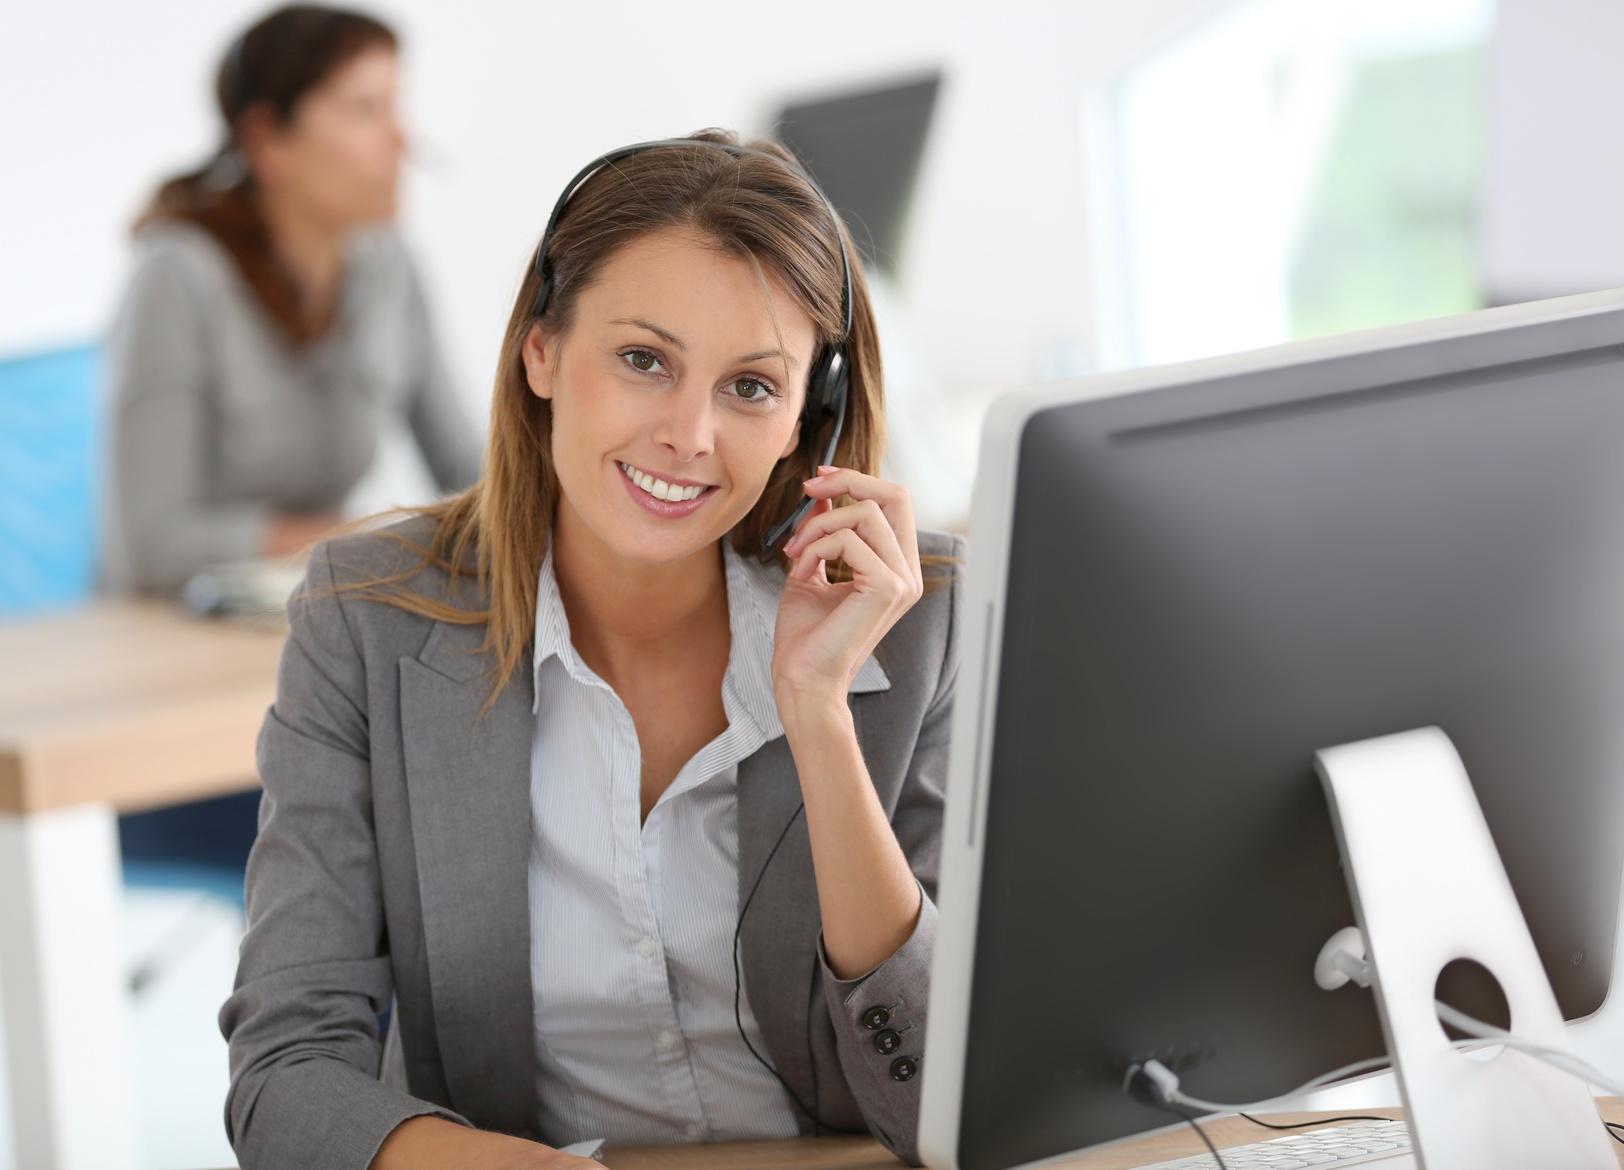 PŸUR Kundenservice bestätigt Top-Bewertung im Hotline-Test der Fachzeitschrift connect